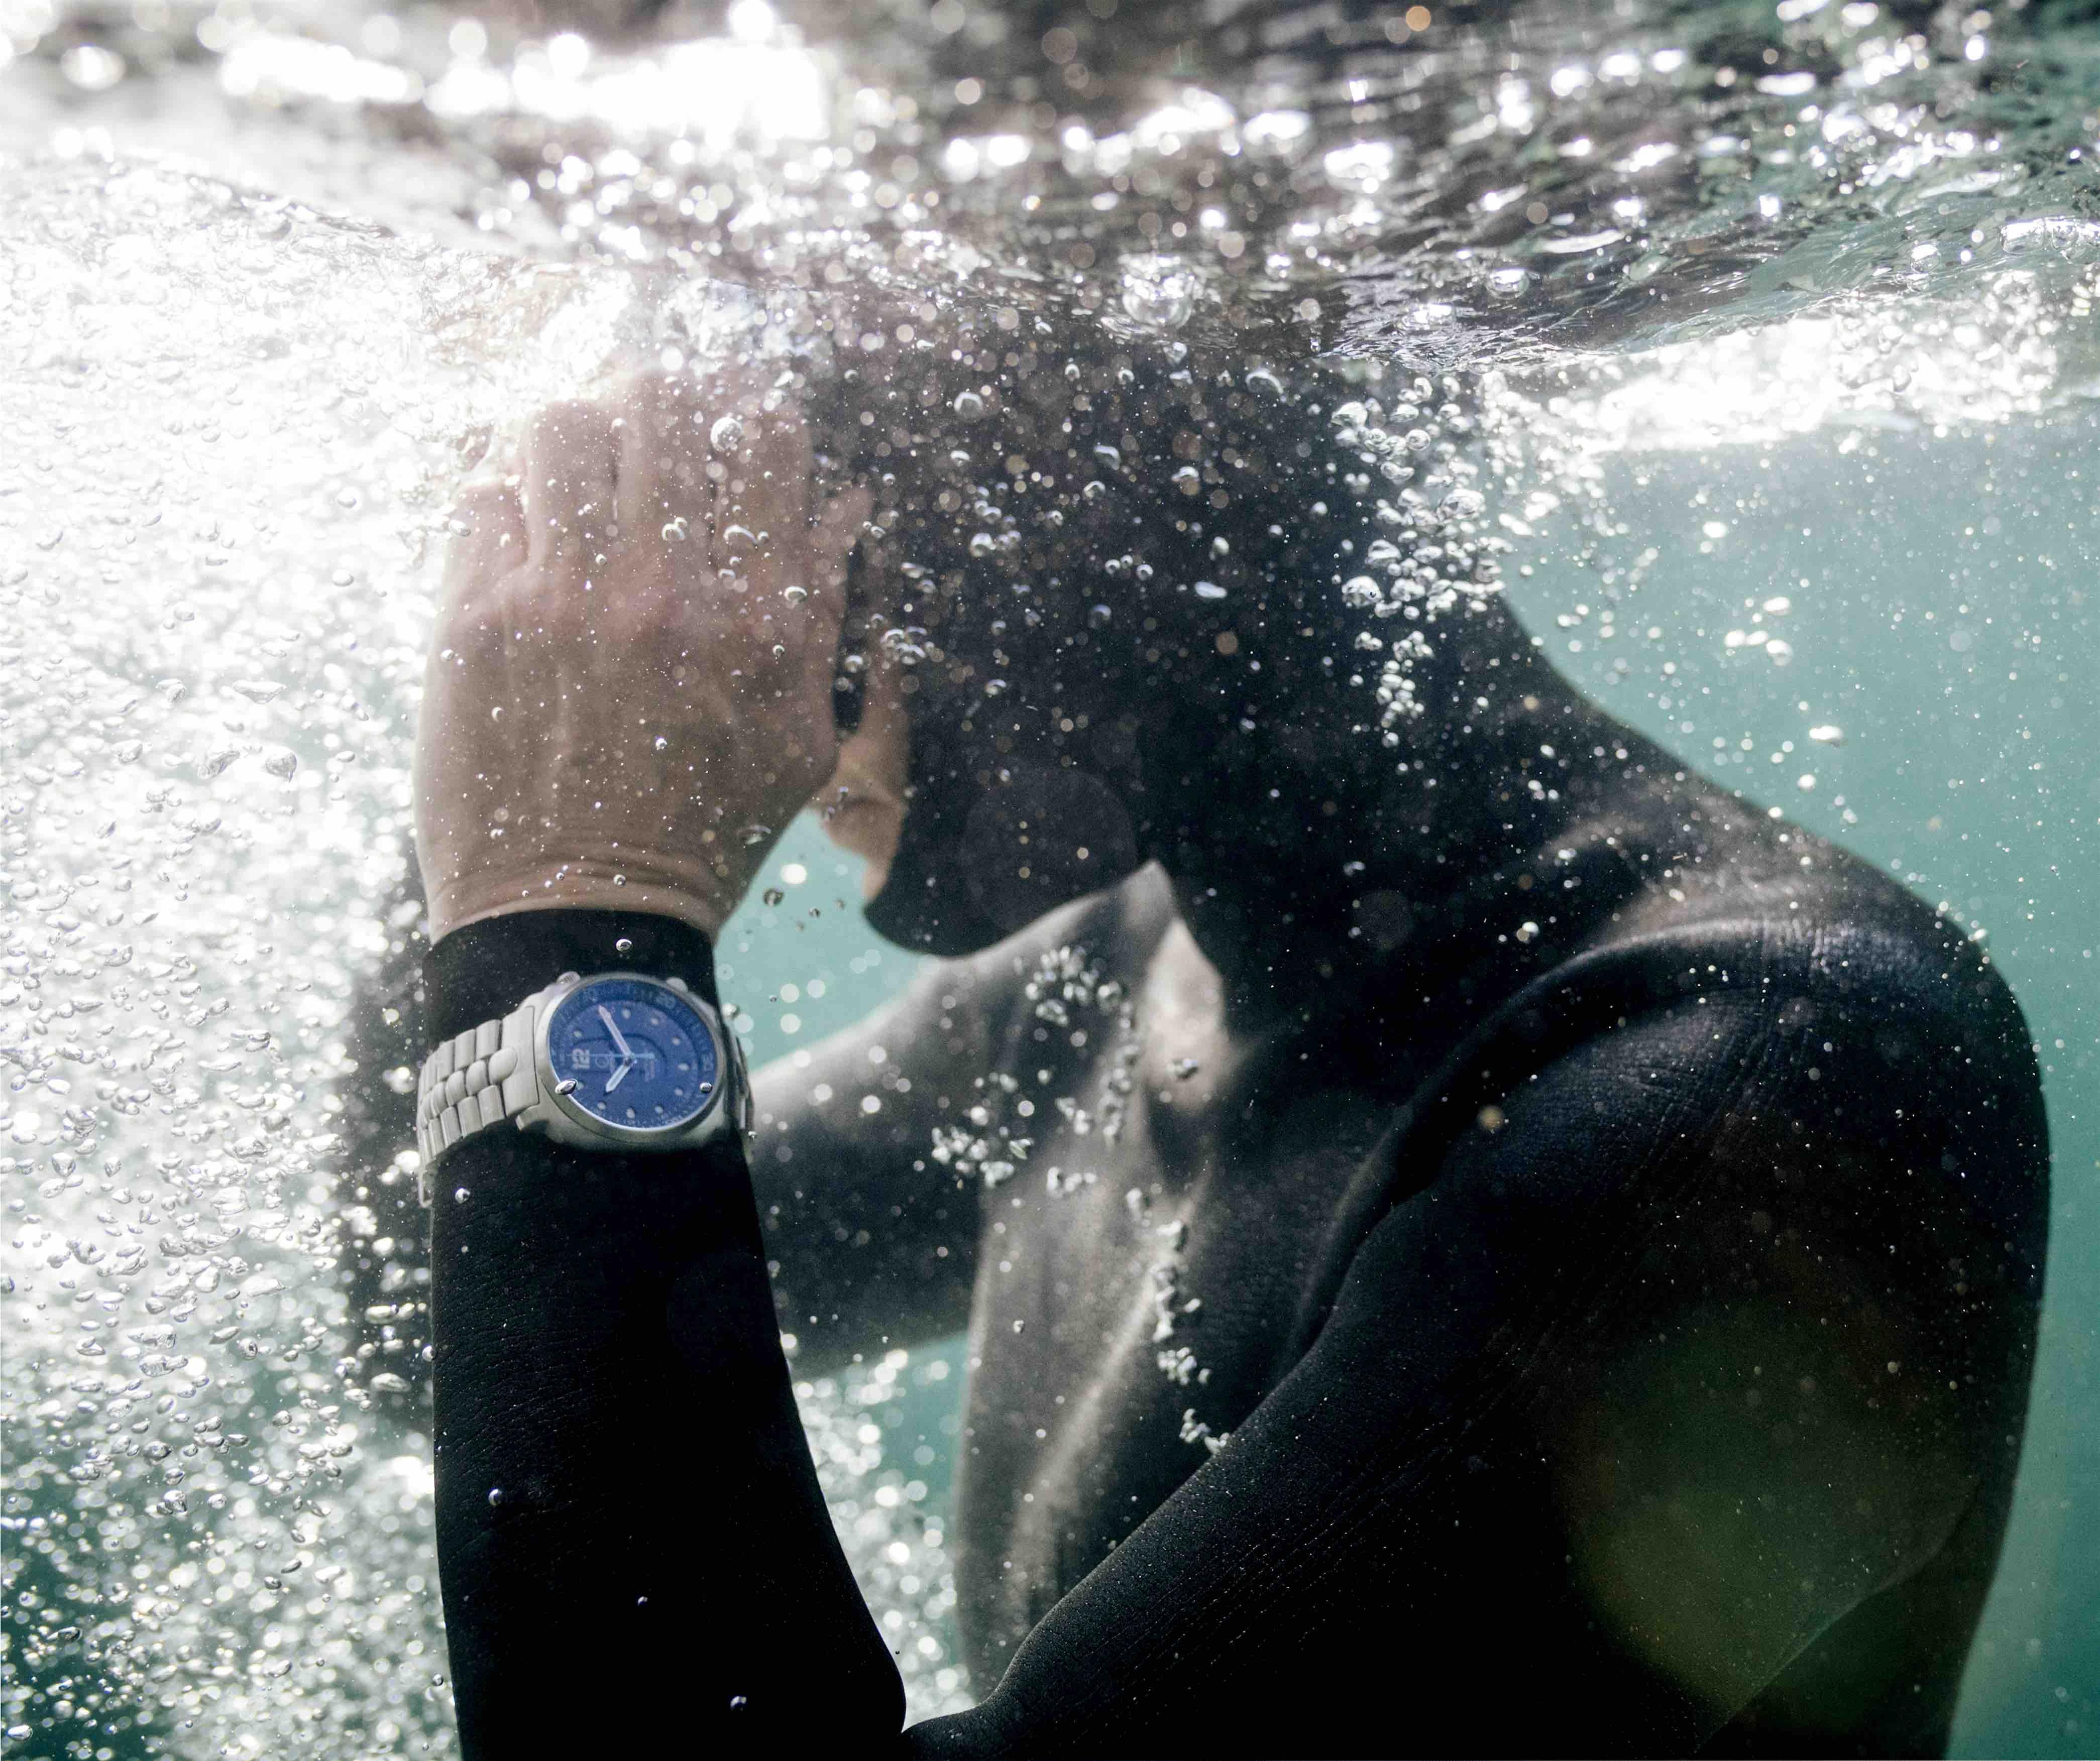 A mergulhadora recordista Johanna Nordblad com o 'seu' relógio © DR